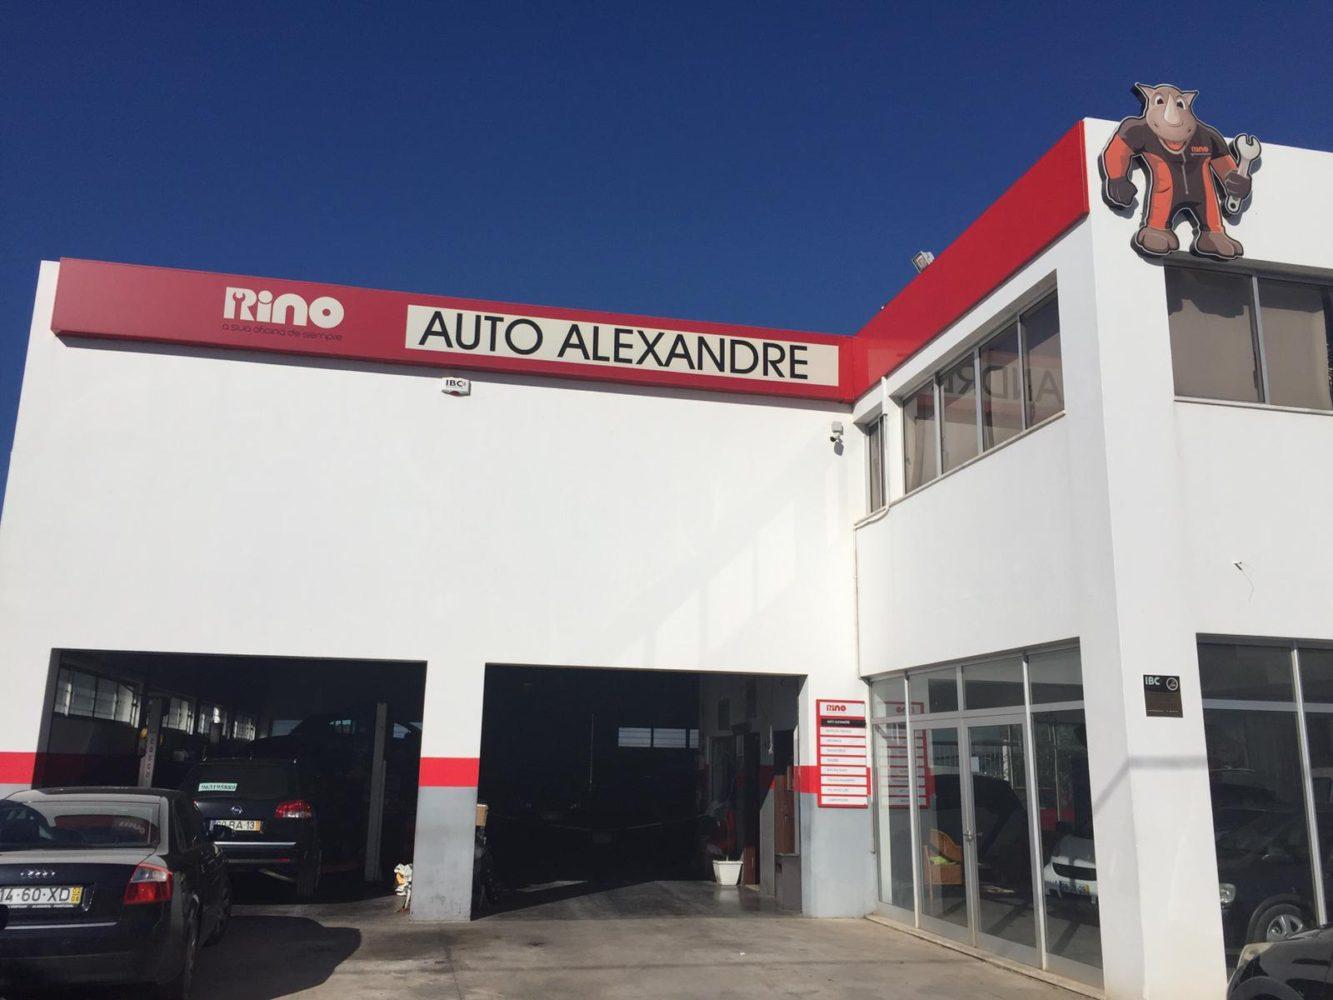 Auto Alexandre